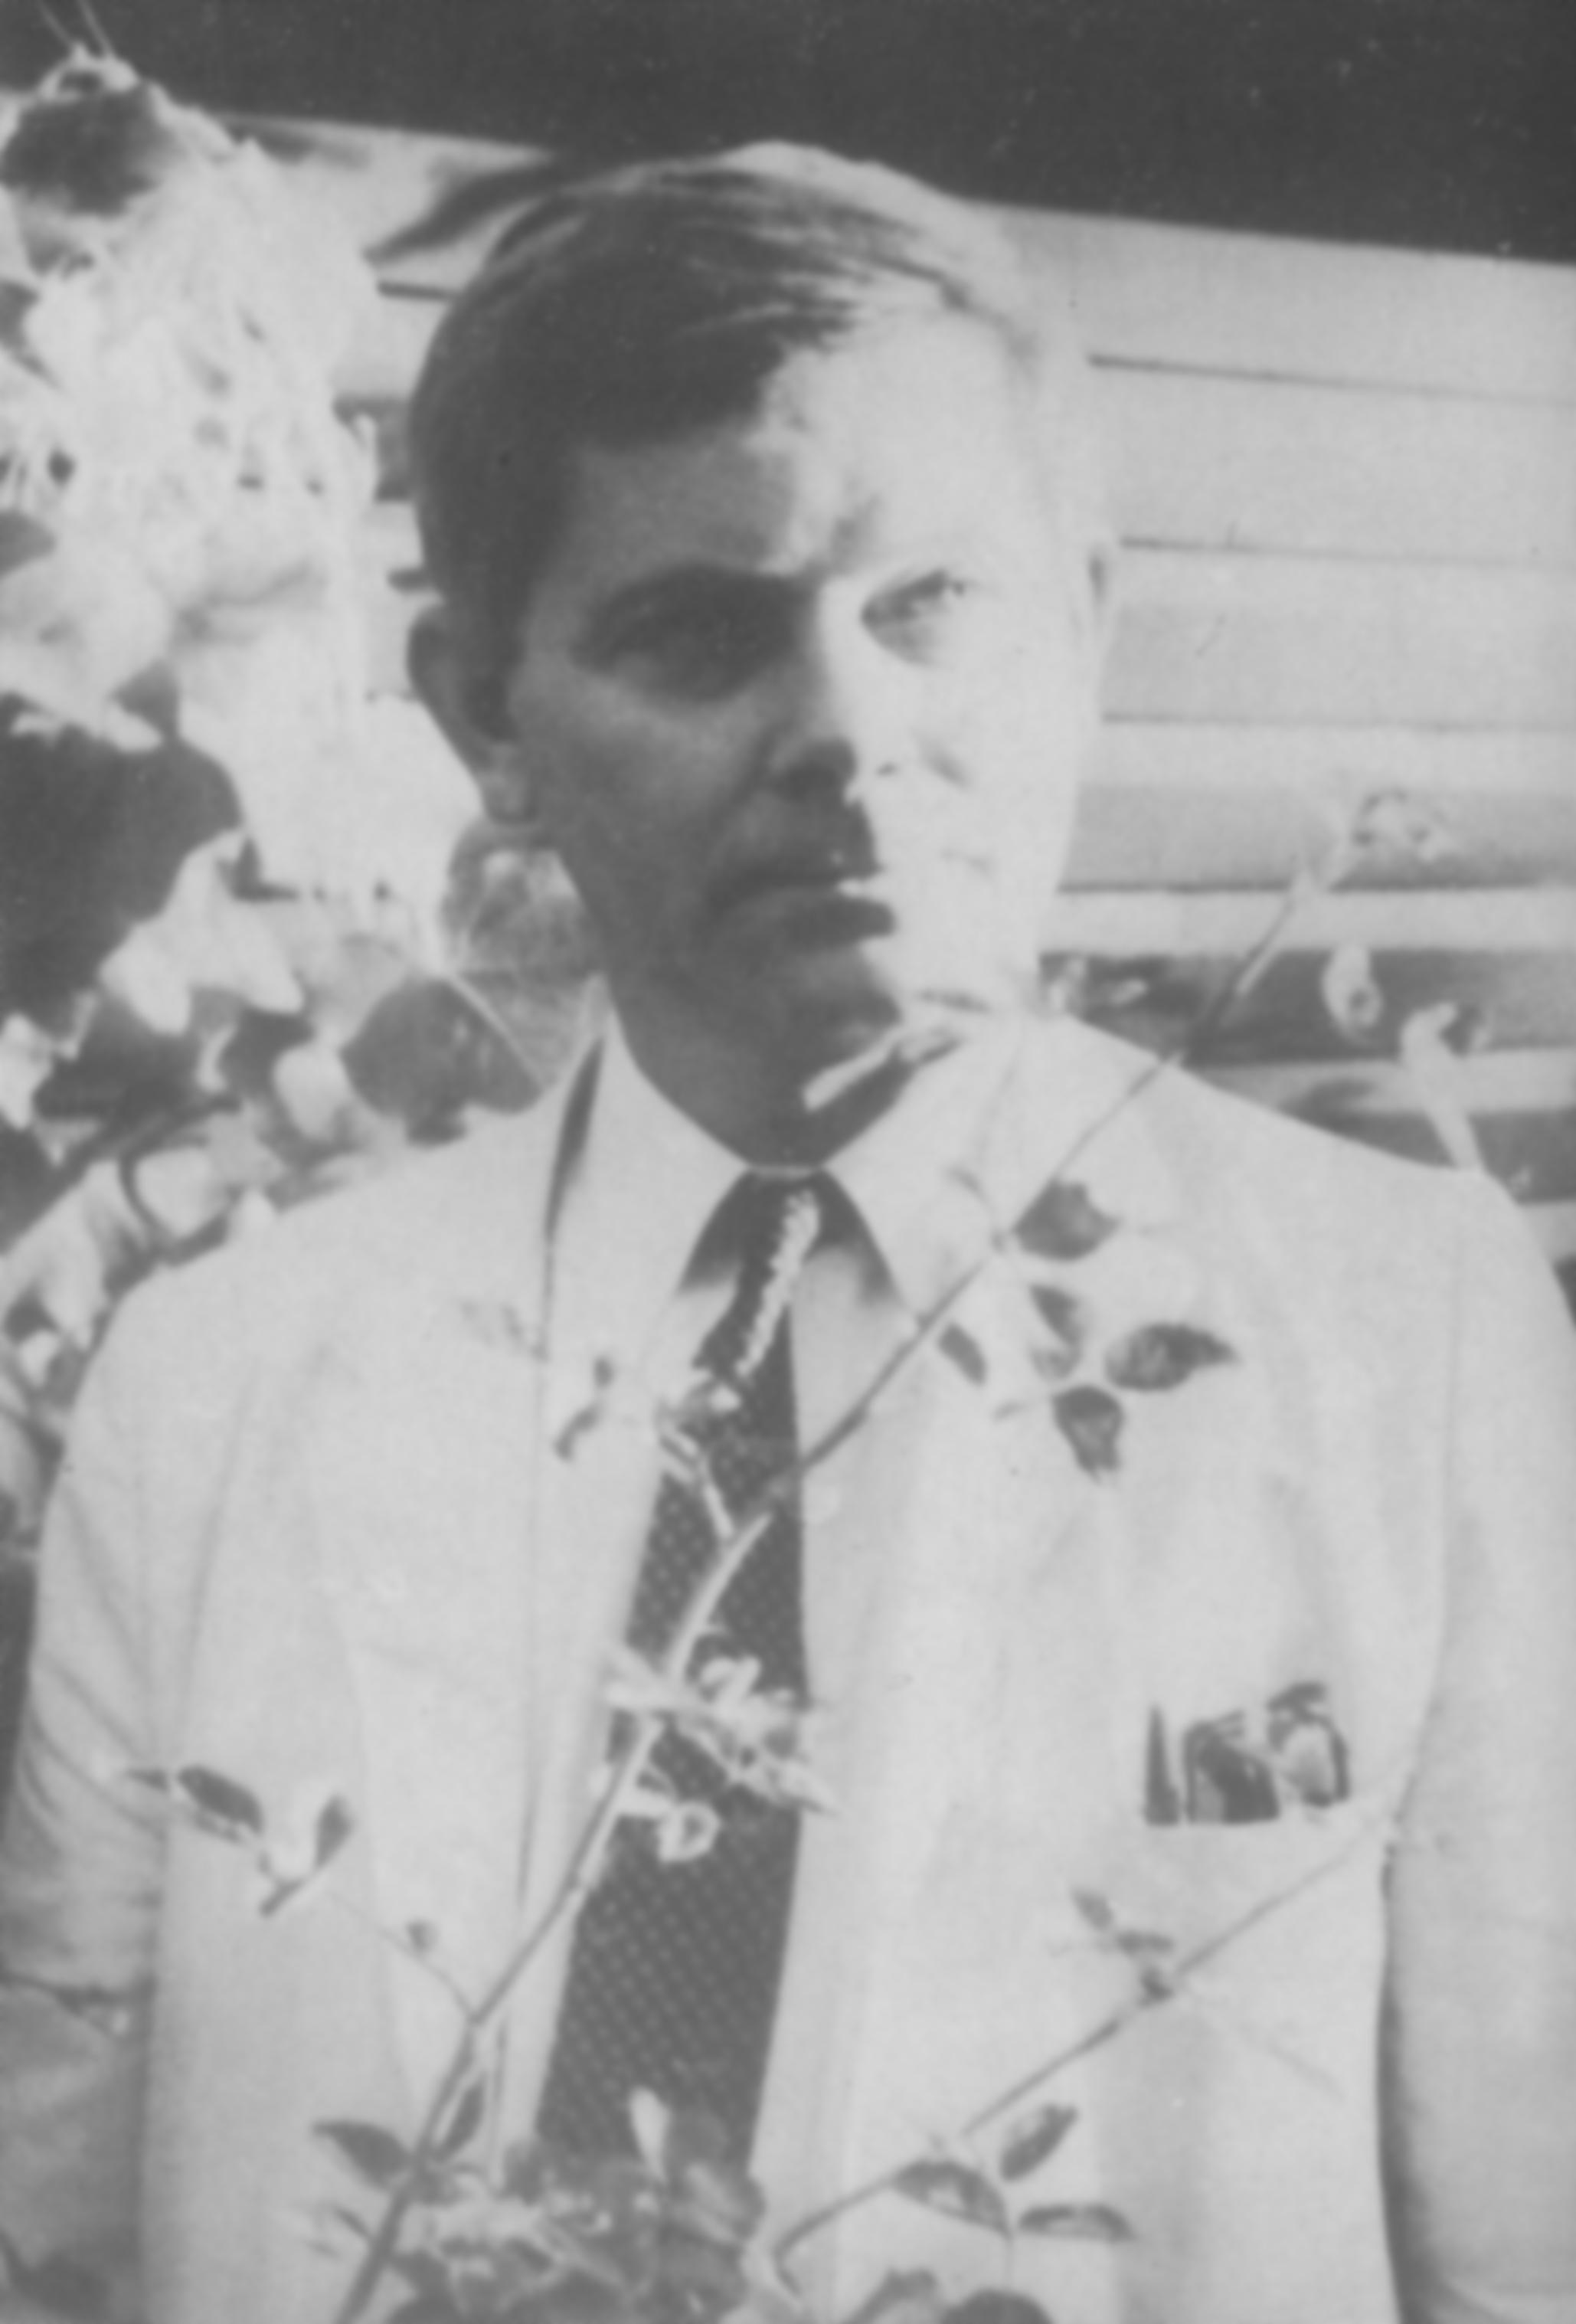 Archiwum Zbigniewa Herberta W Bibliotece Narodowej